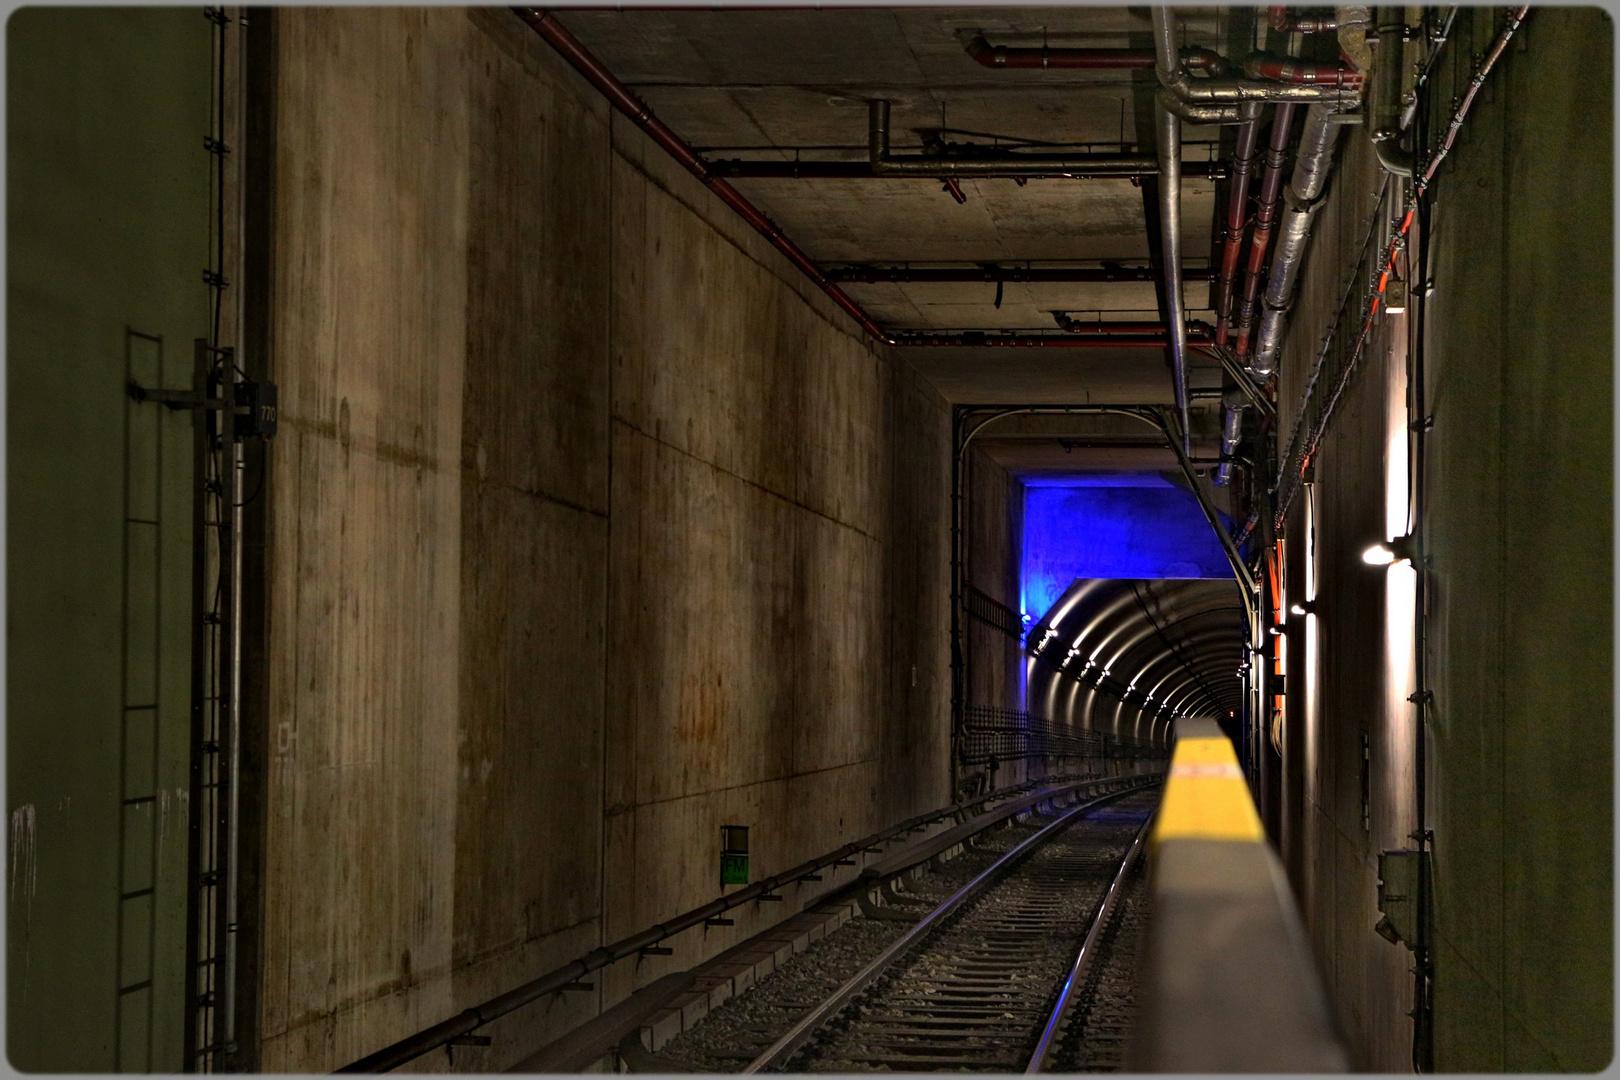 Wann kommt endlich die U-Bahn ?